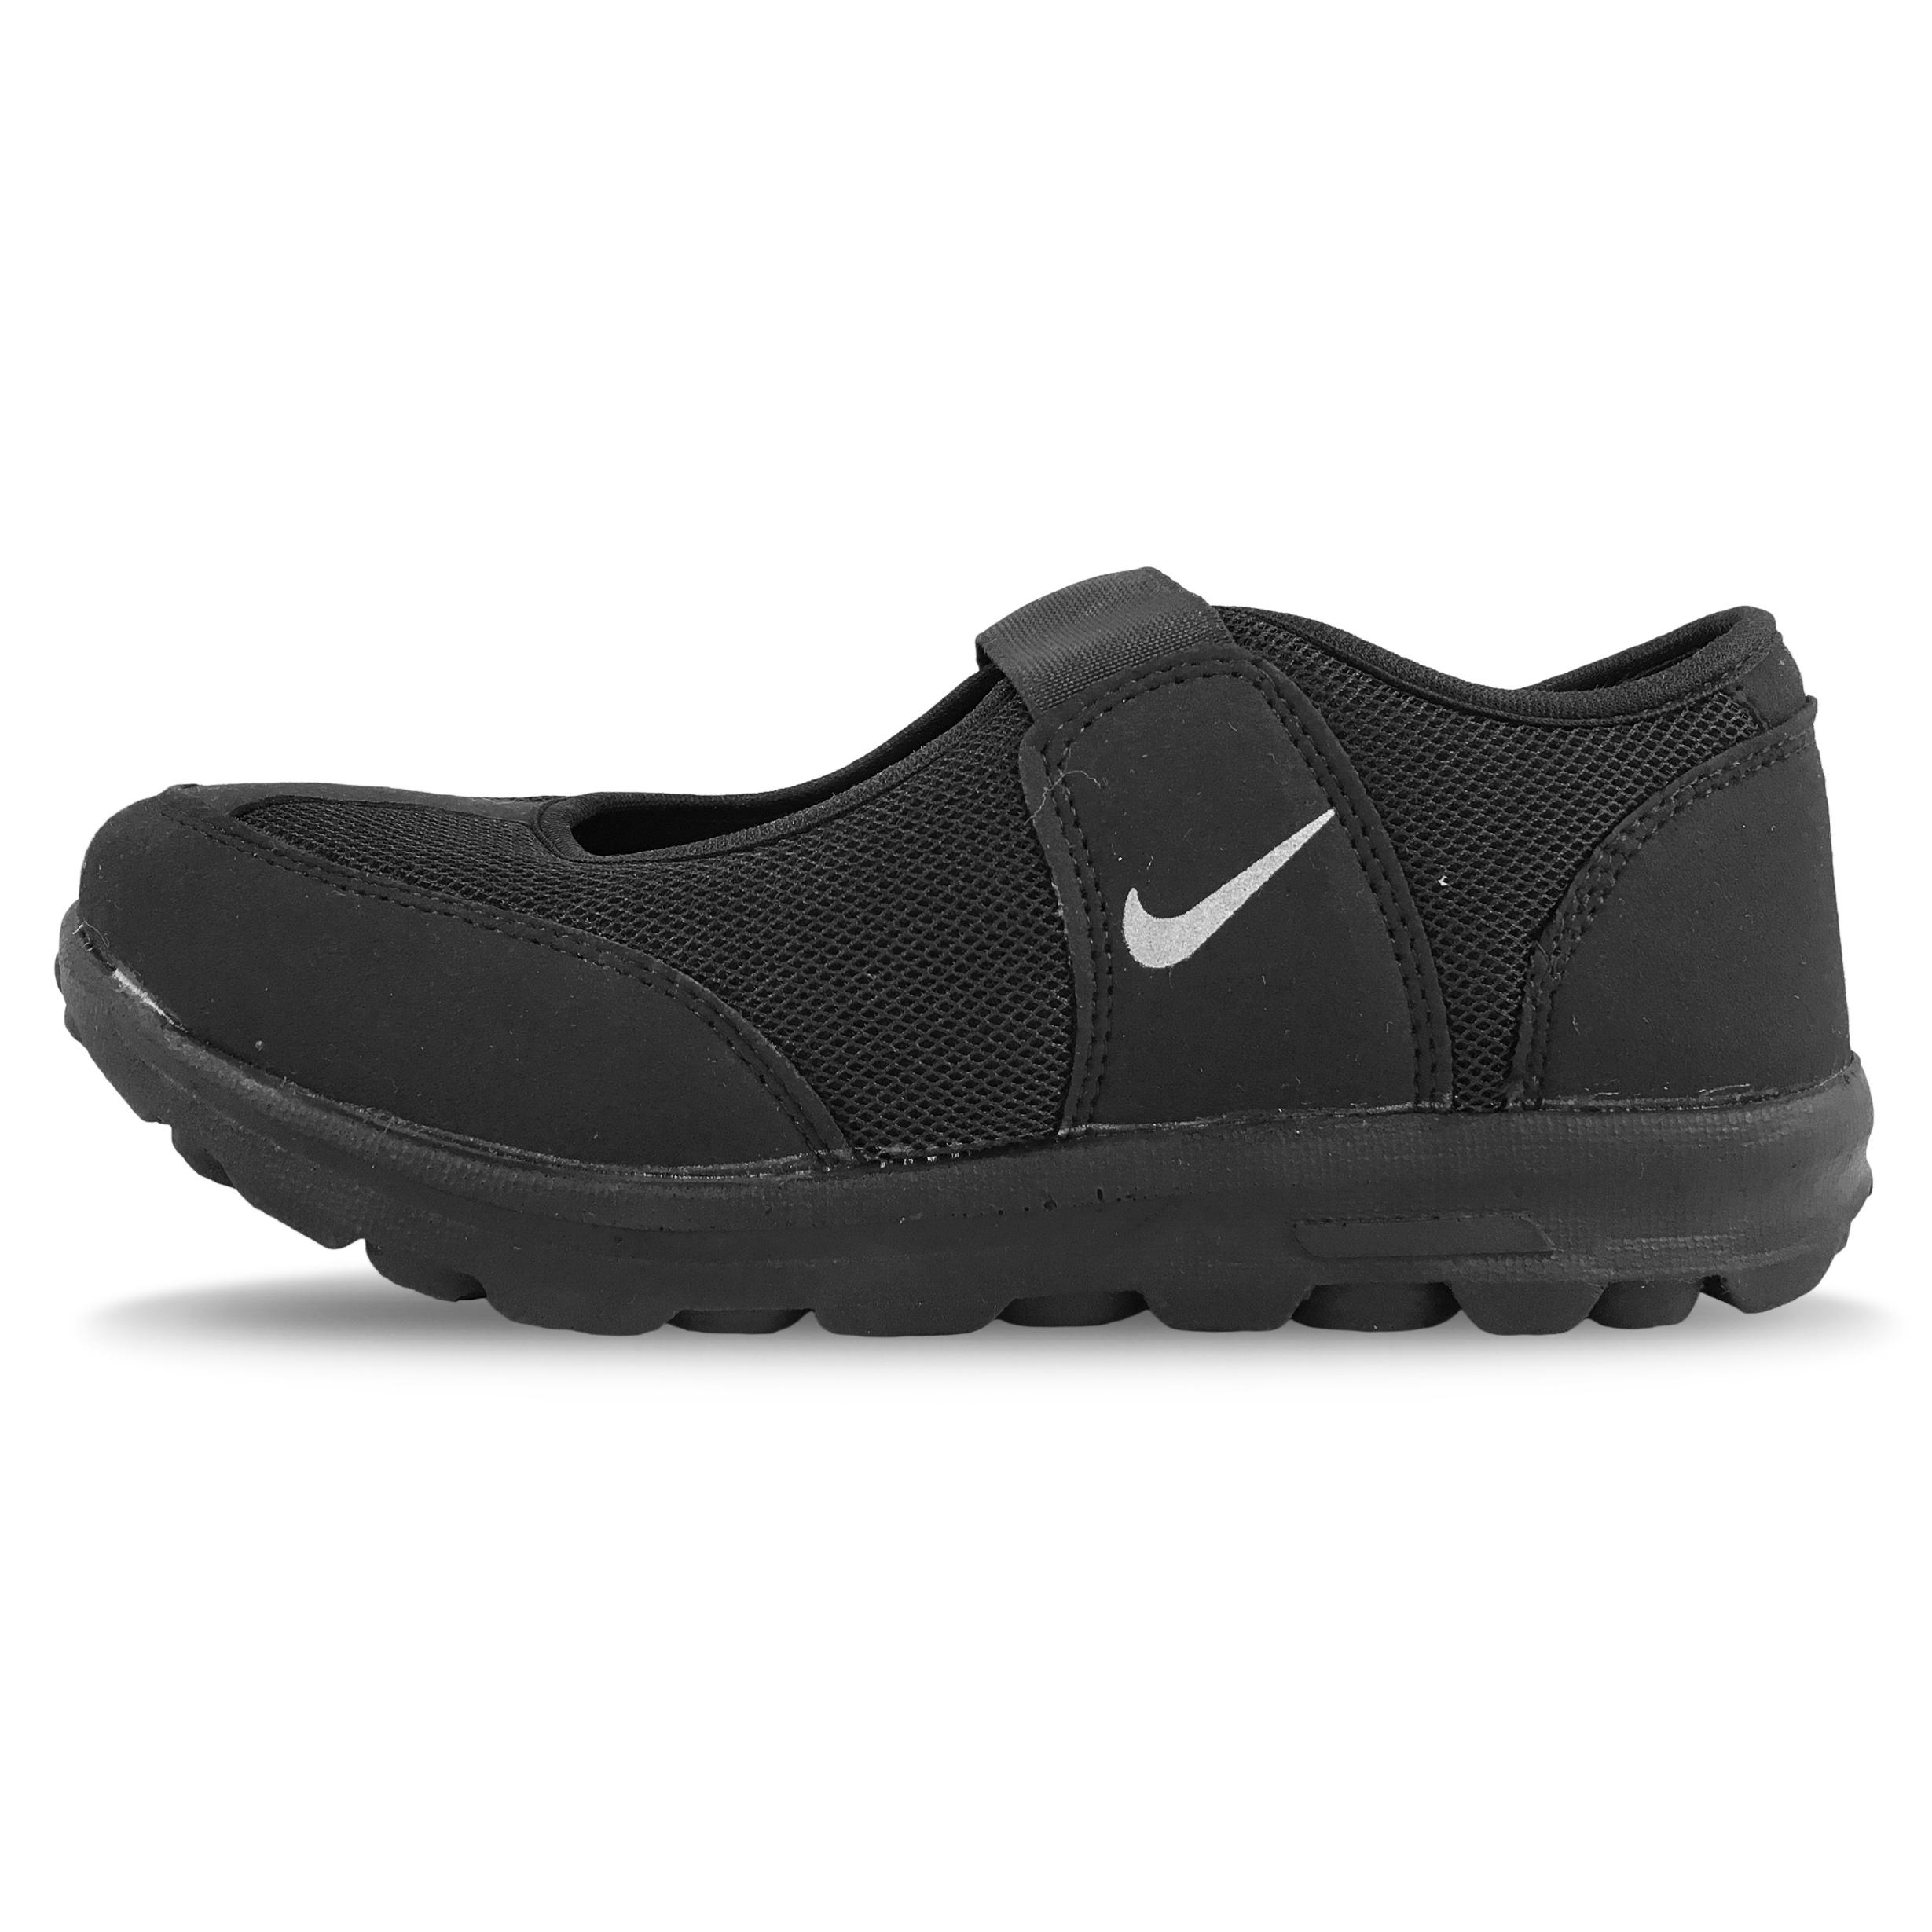 کفش مخصوص پیاده روی زنانه مدل پیشگام کد B5395